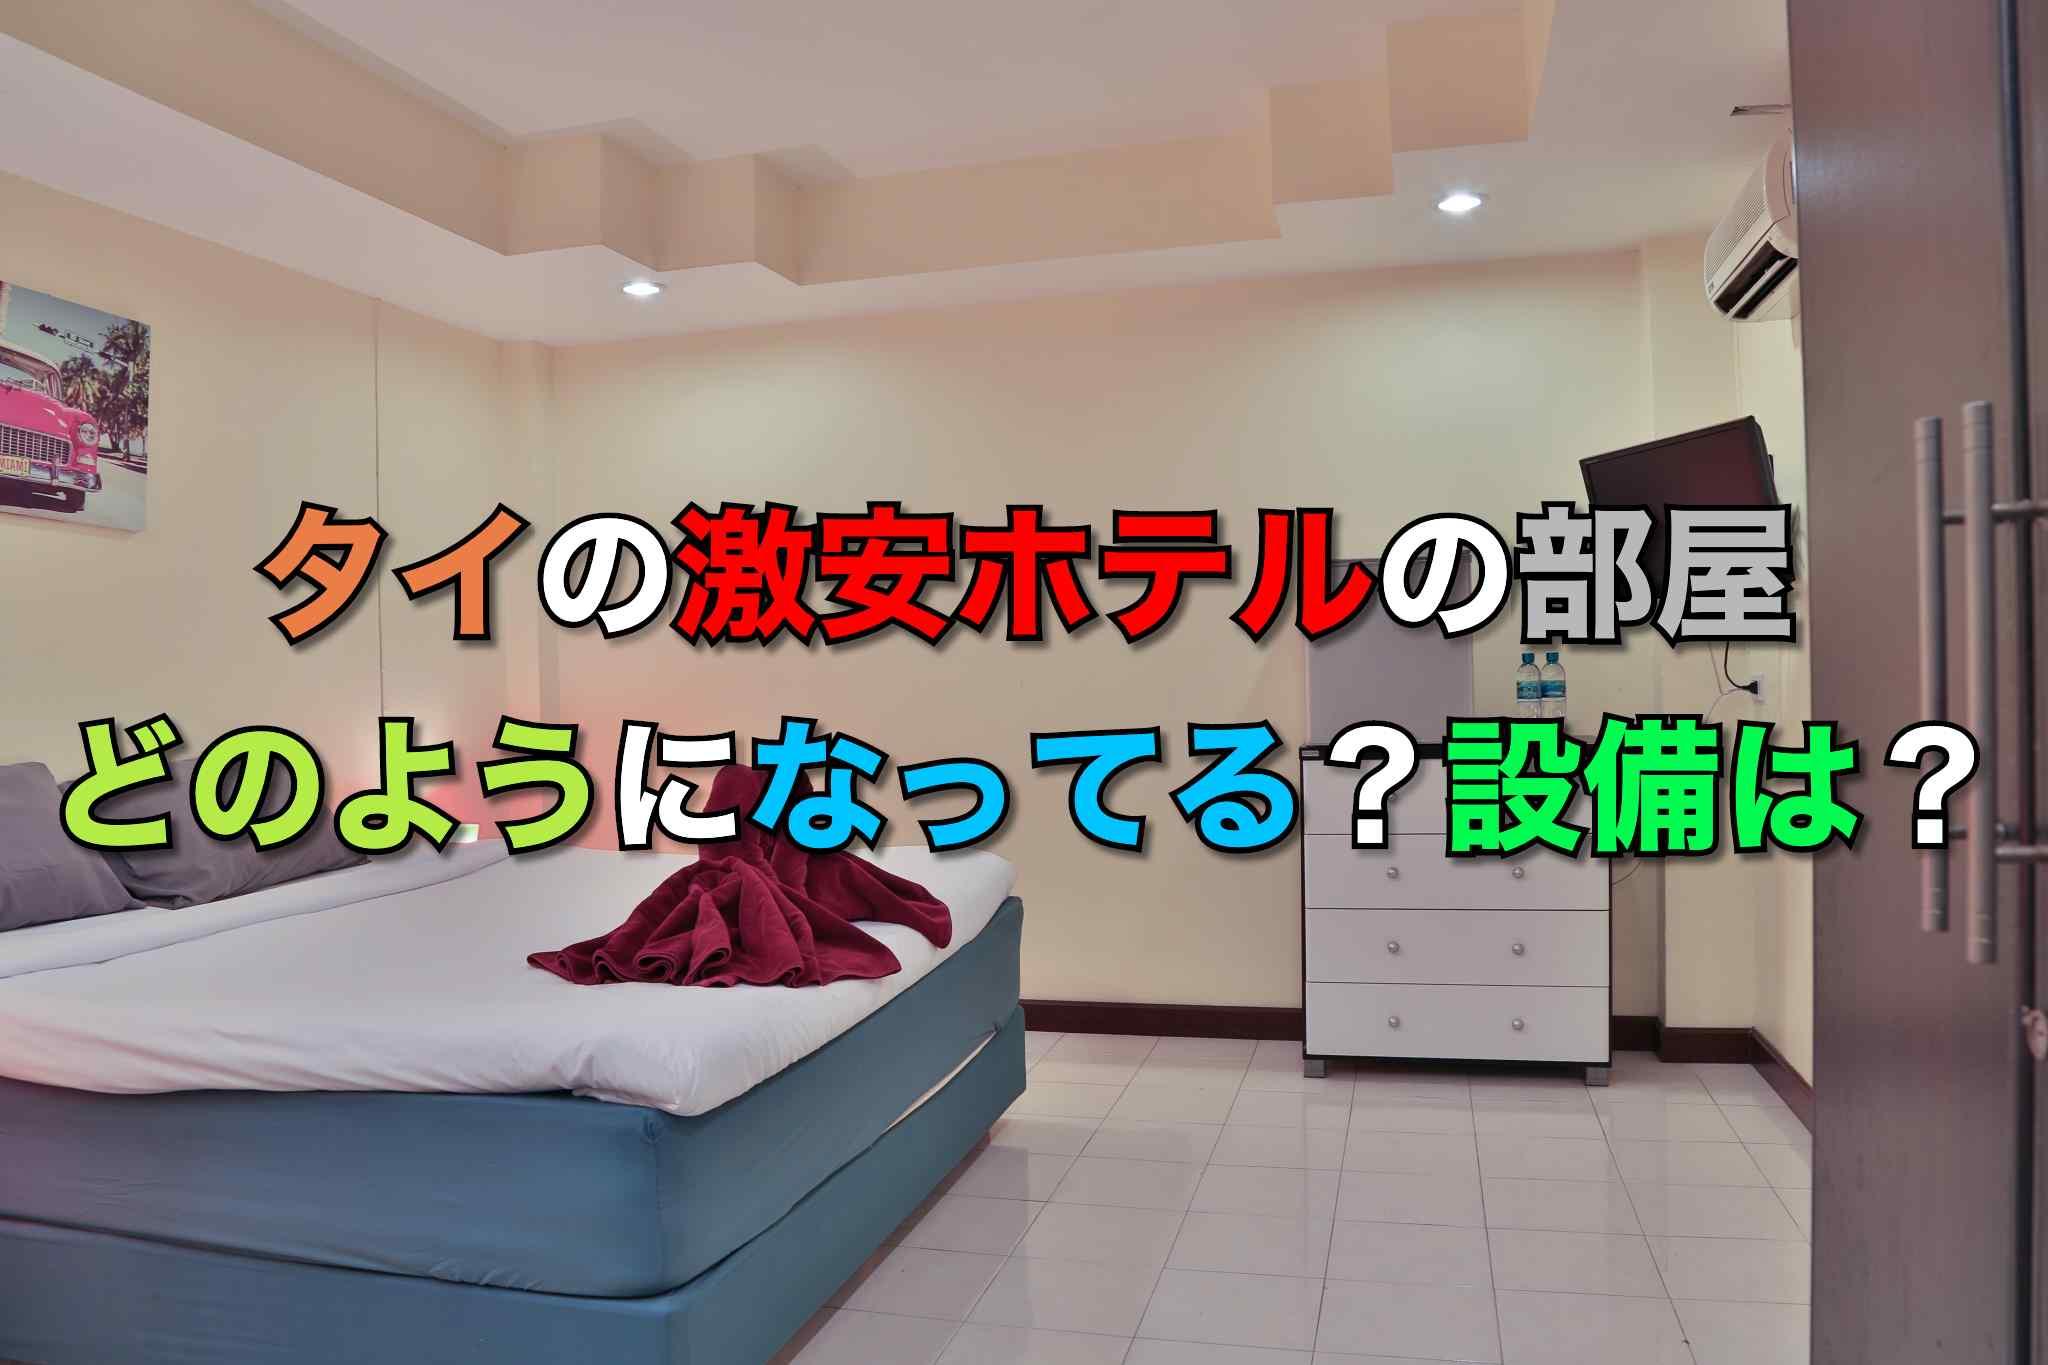 タイ激安ホテルのアイキャッチ